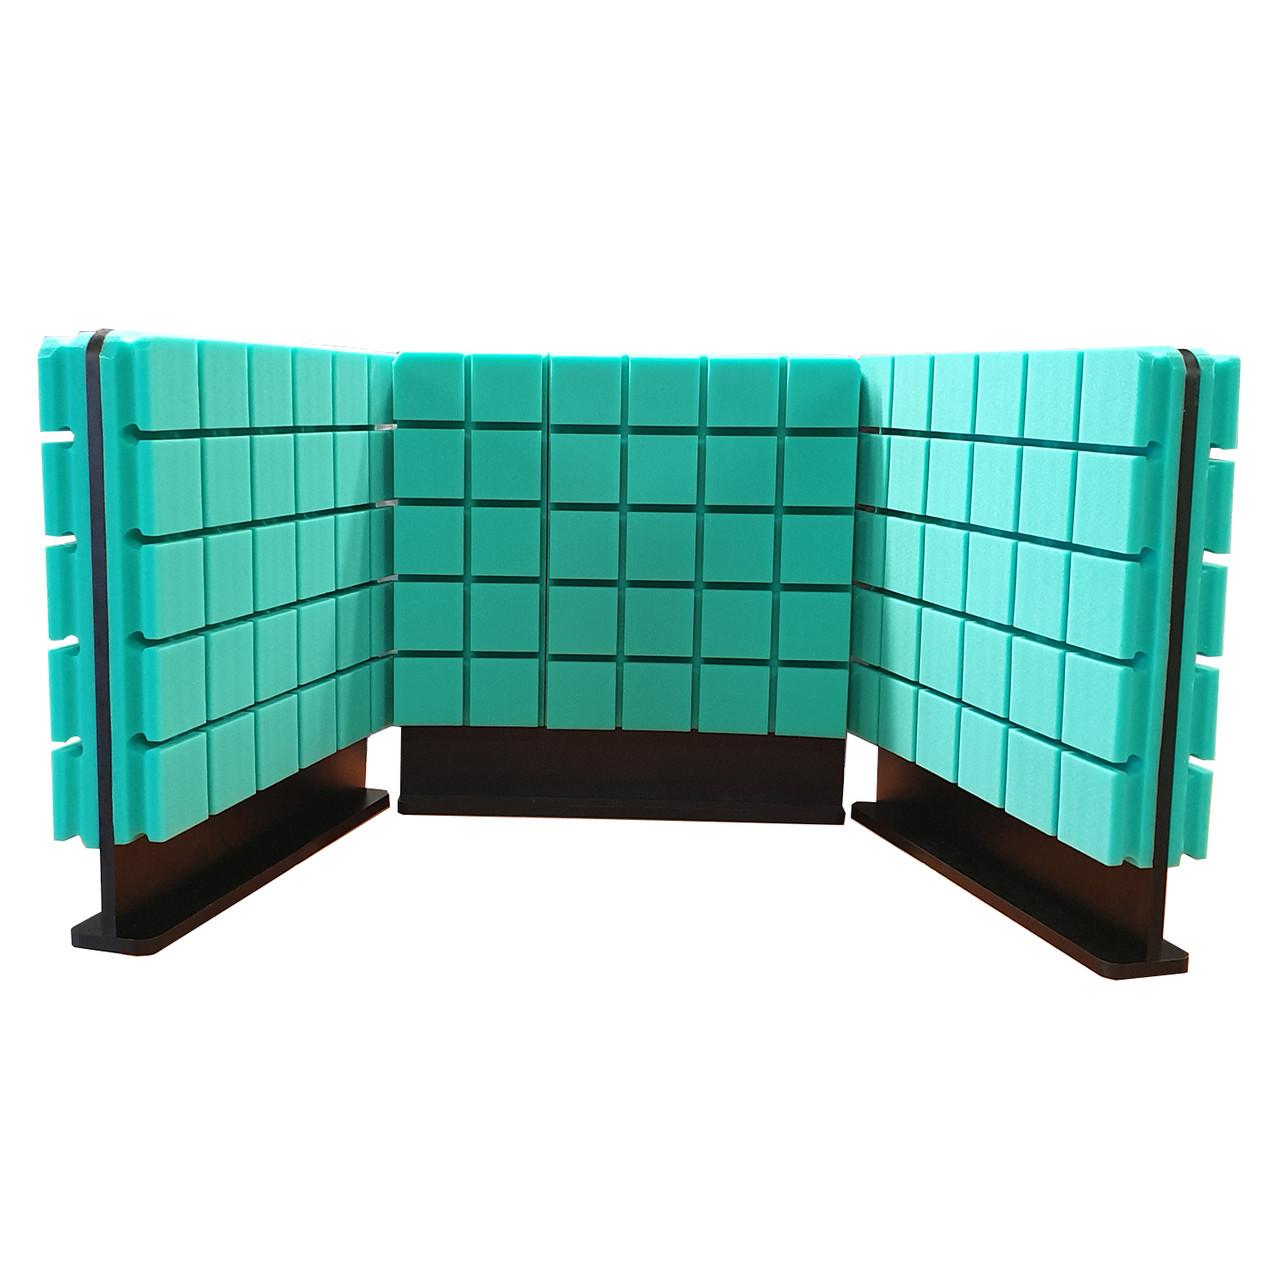 Комплект акустичних ширм на стіл для колл-центрів Ecosound Tetras Green 60х60 см 3 шт. зелений